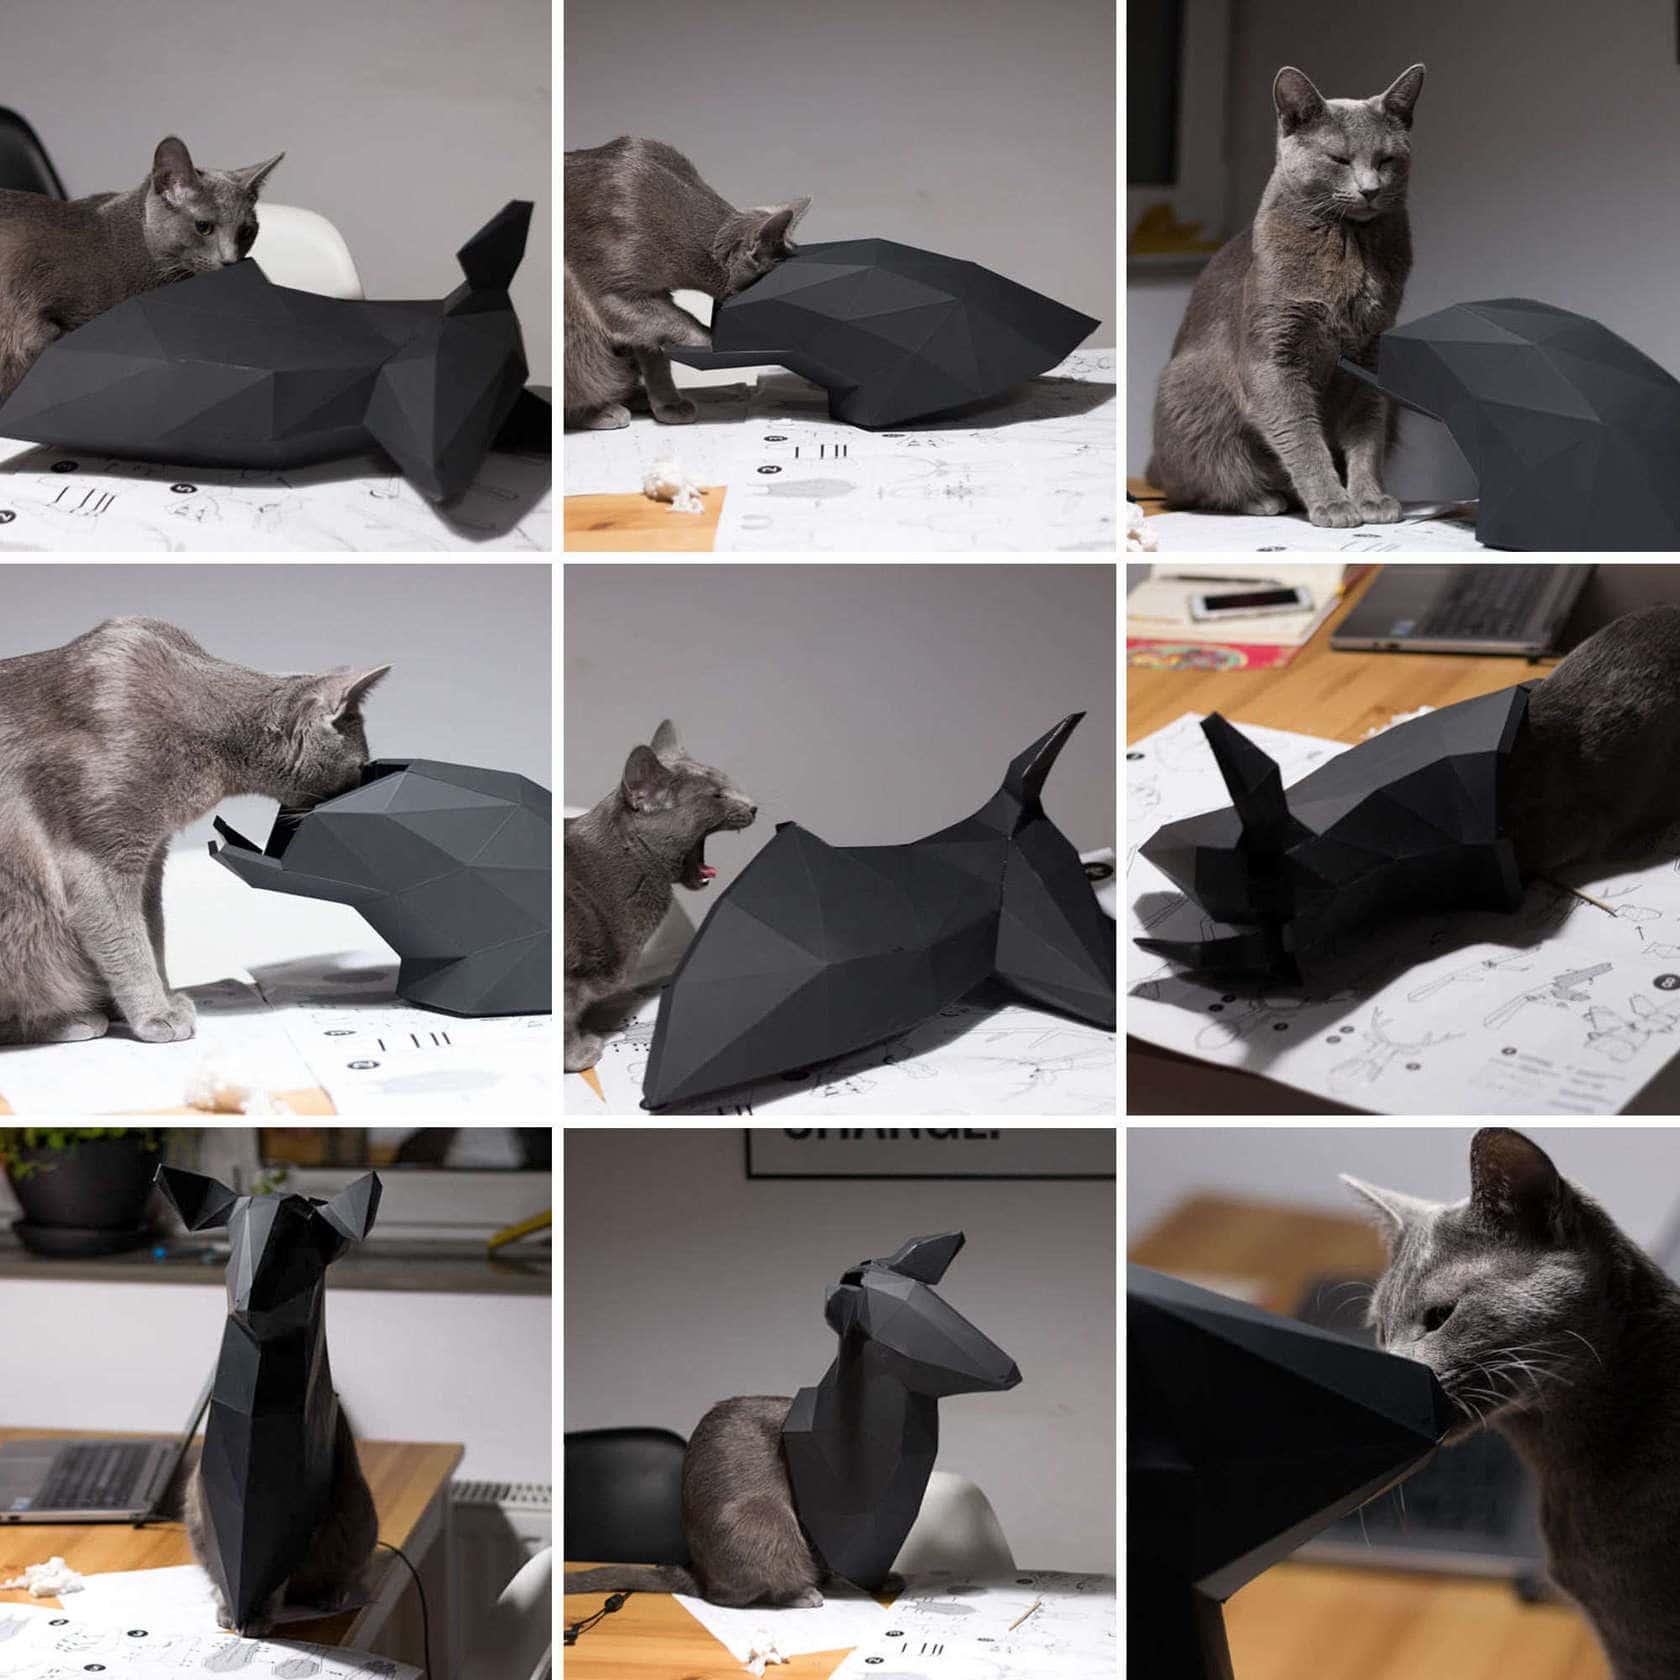 kot przeszkadzający wwykonaniu jelenia zorigami